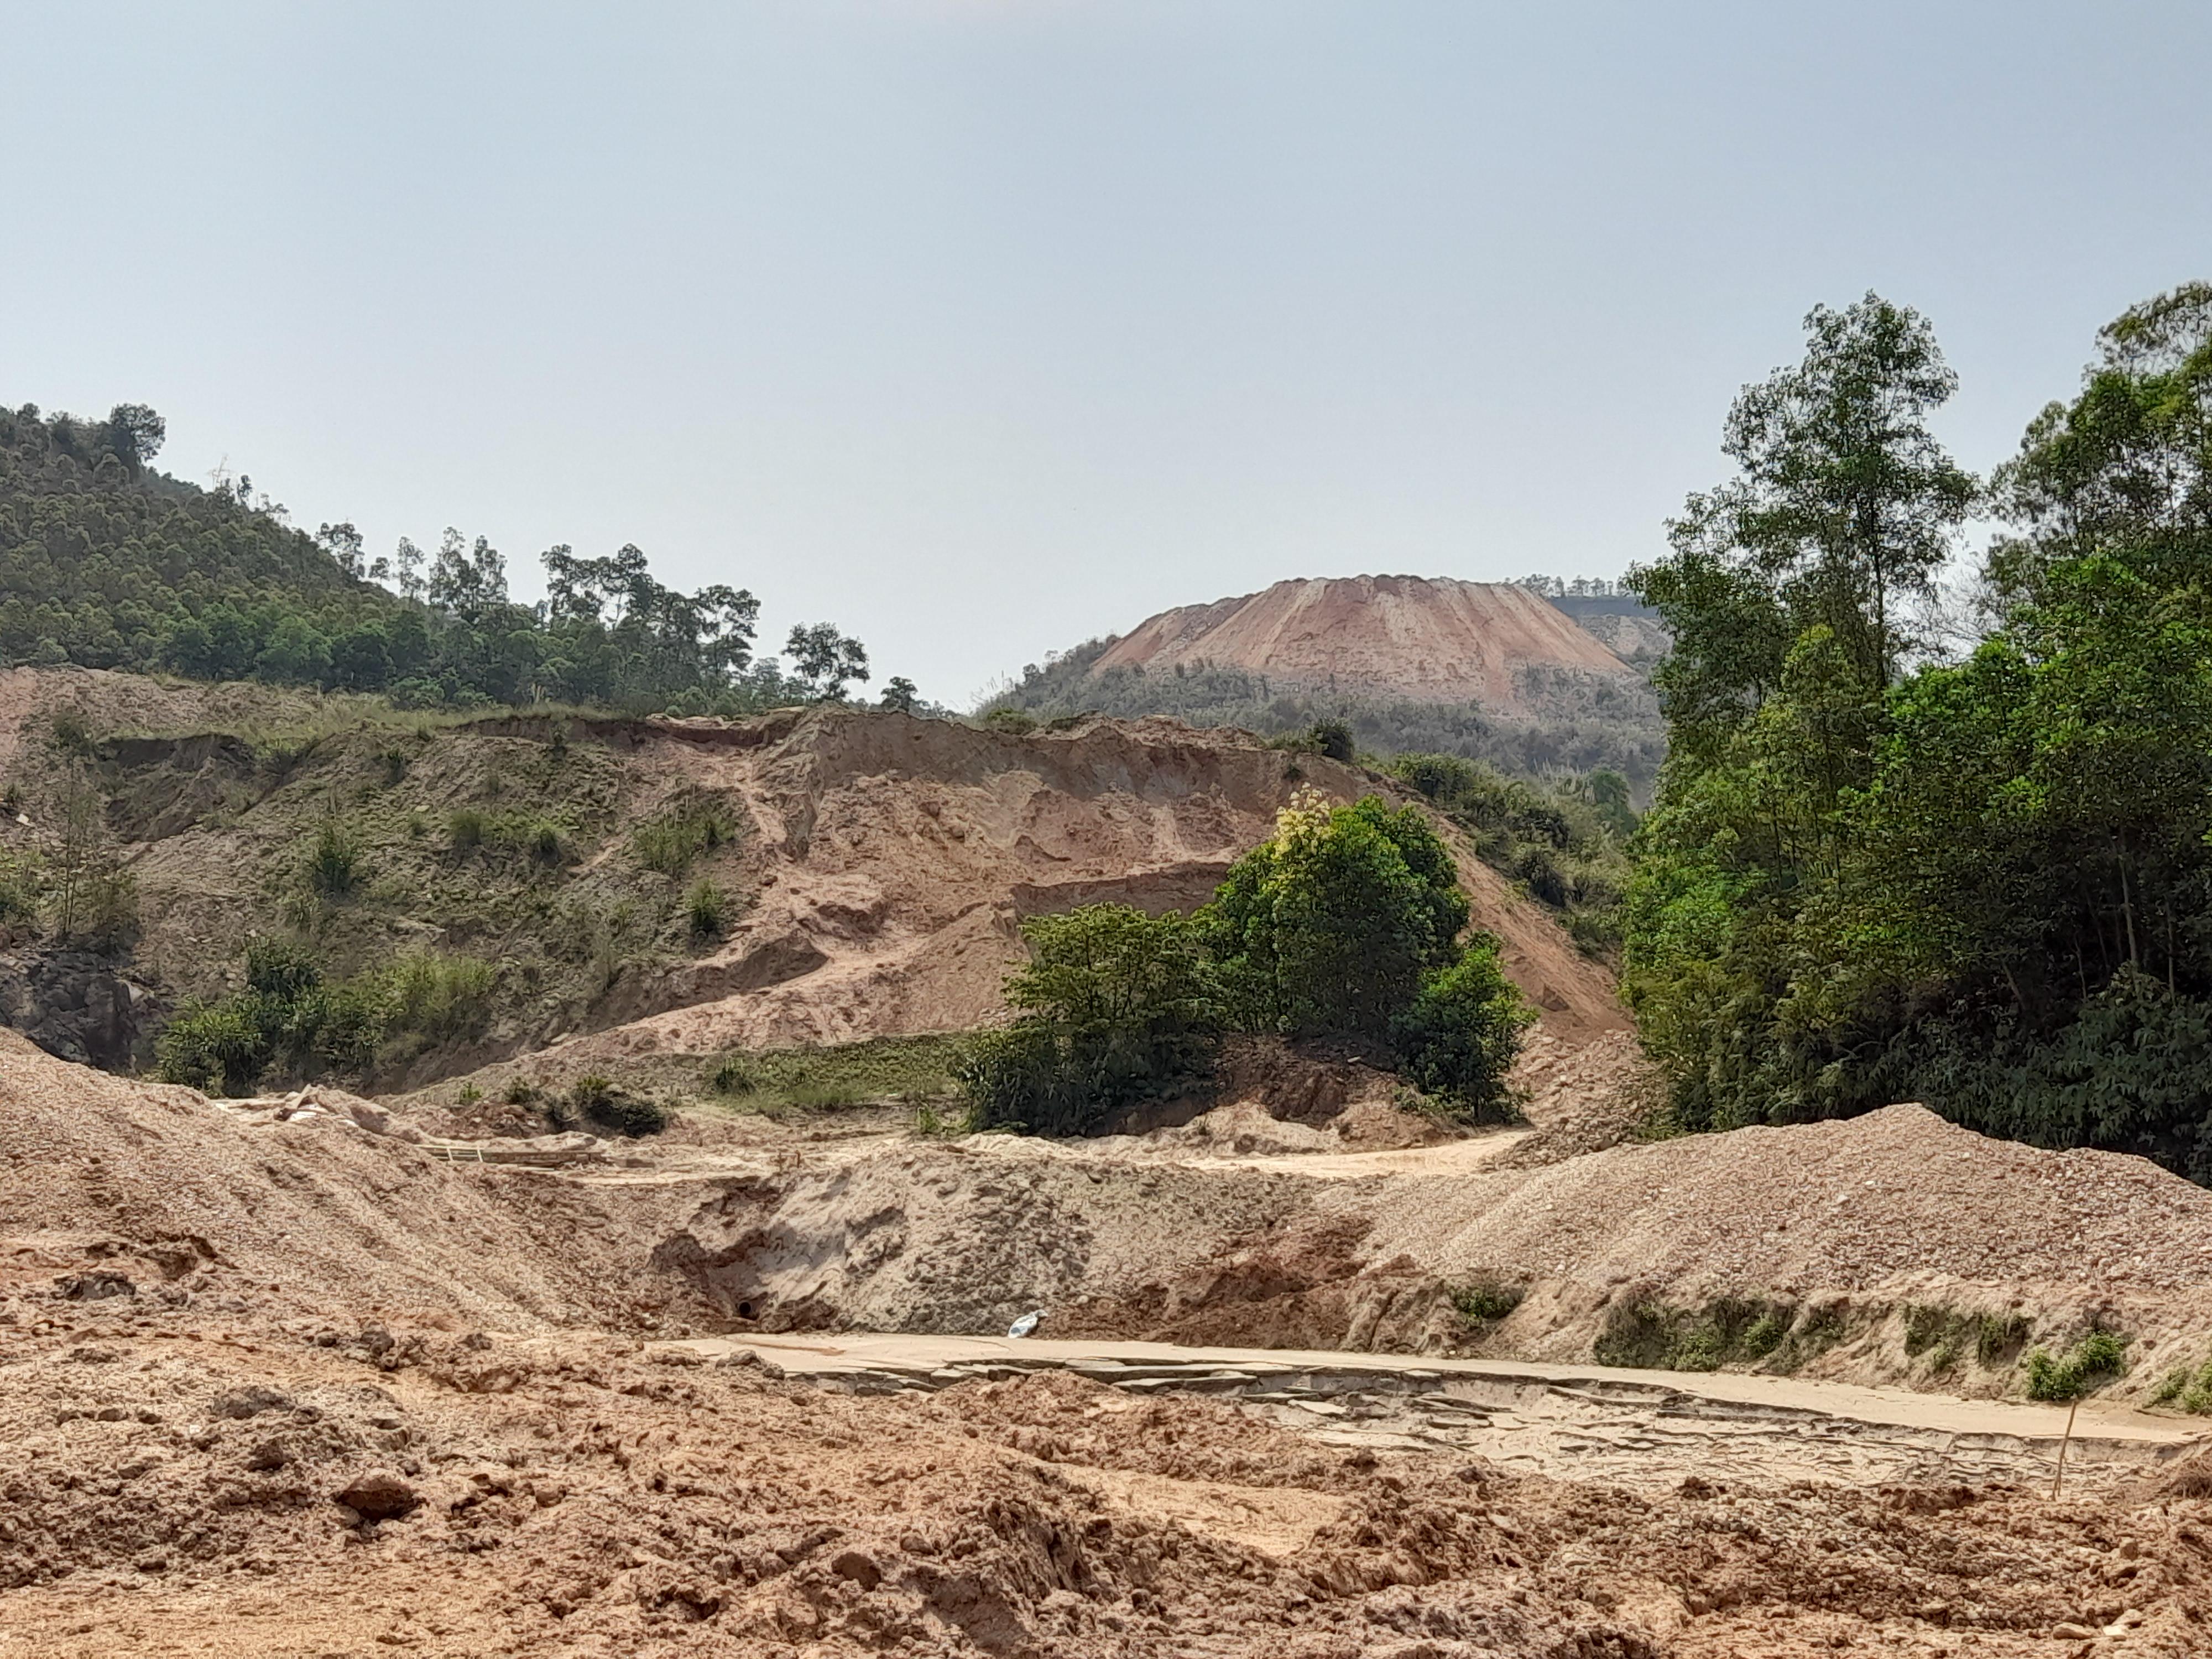 Khu vực bãi thải mỏ quặng của Công ty Hùng Vương xây dựng rất sơ sài nên cứ mưa lớn là xảy ra sự cố xô sạt đất đá xuống ruộng lúa của người xung xung quanh.